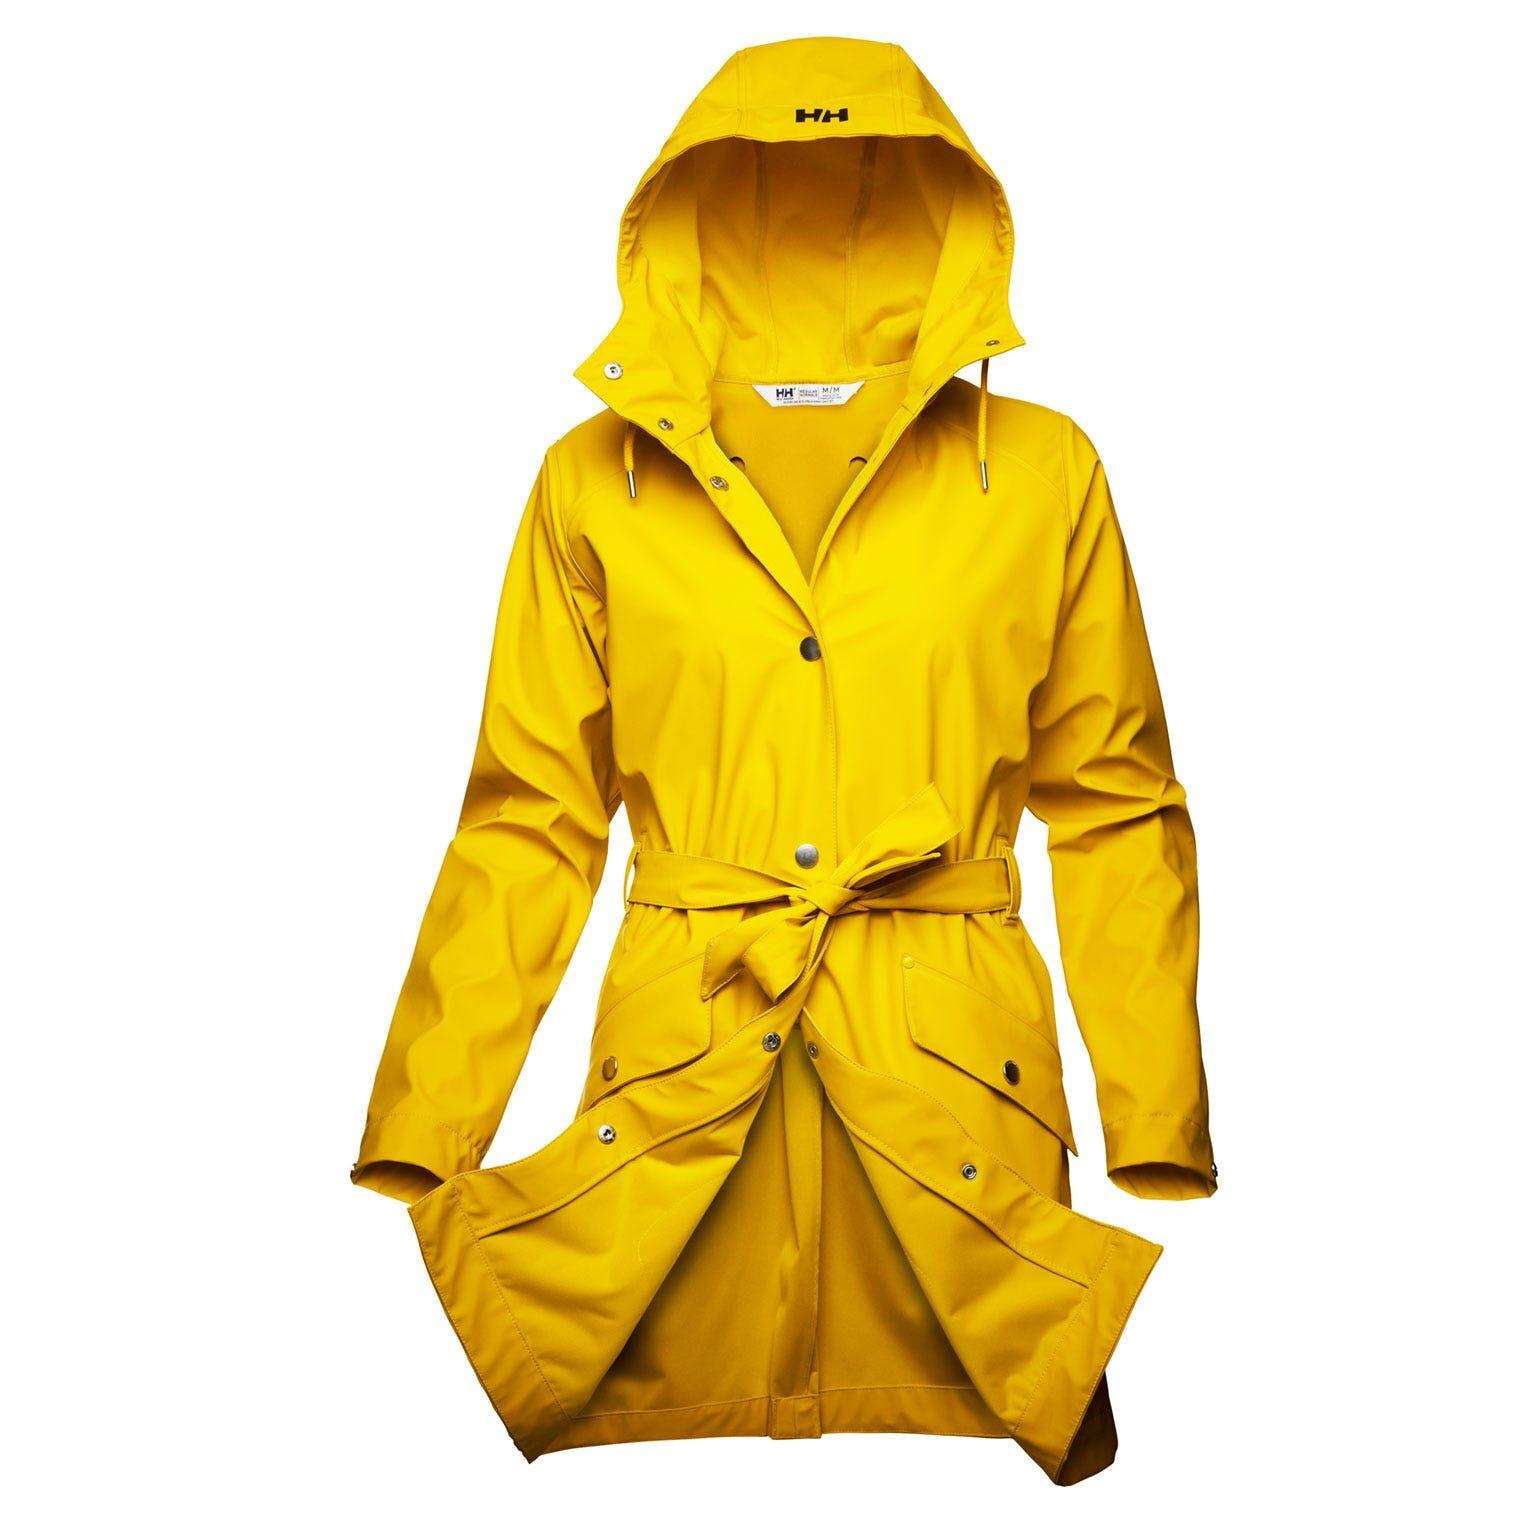 32490a14 regnkåpe Skogstad gul på nettet - Hos oss finner du regnkåpe ...